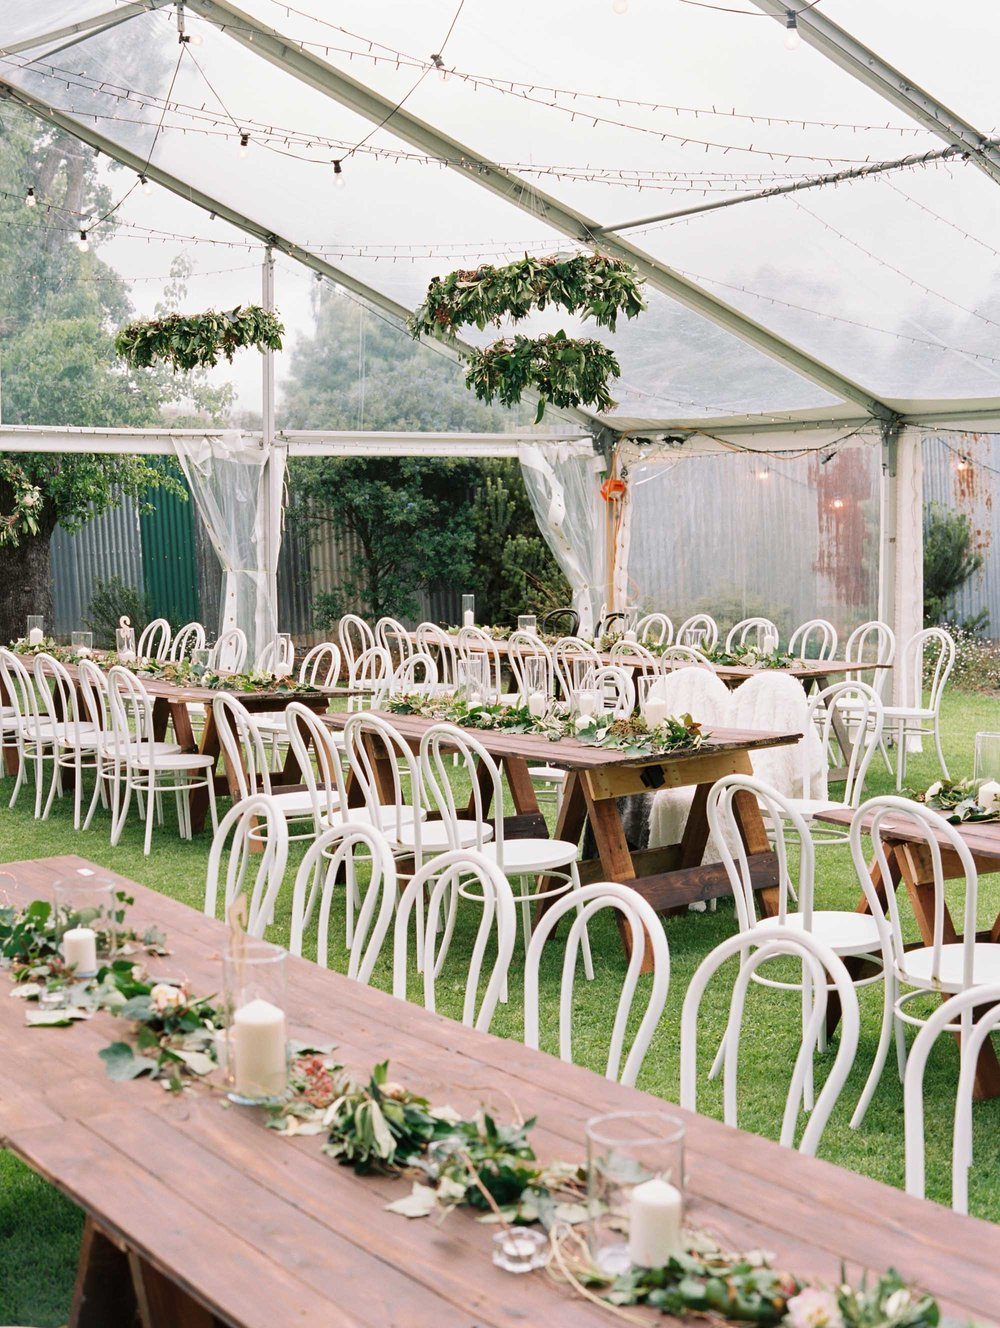 Whitehouse-hahndorf-wedding-photography-091.jpg